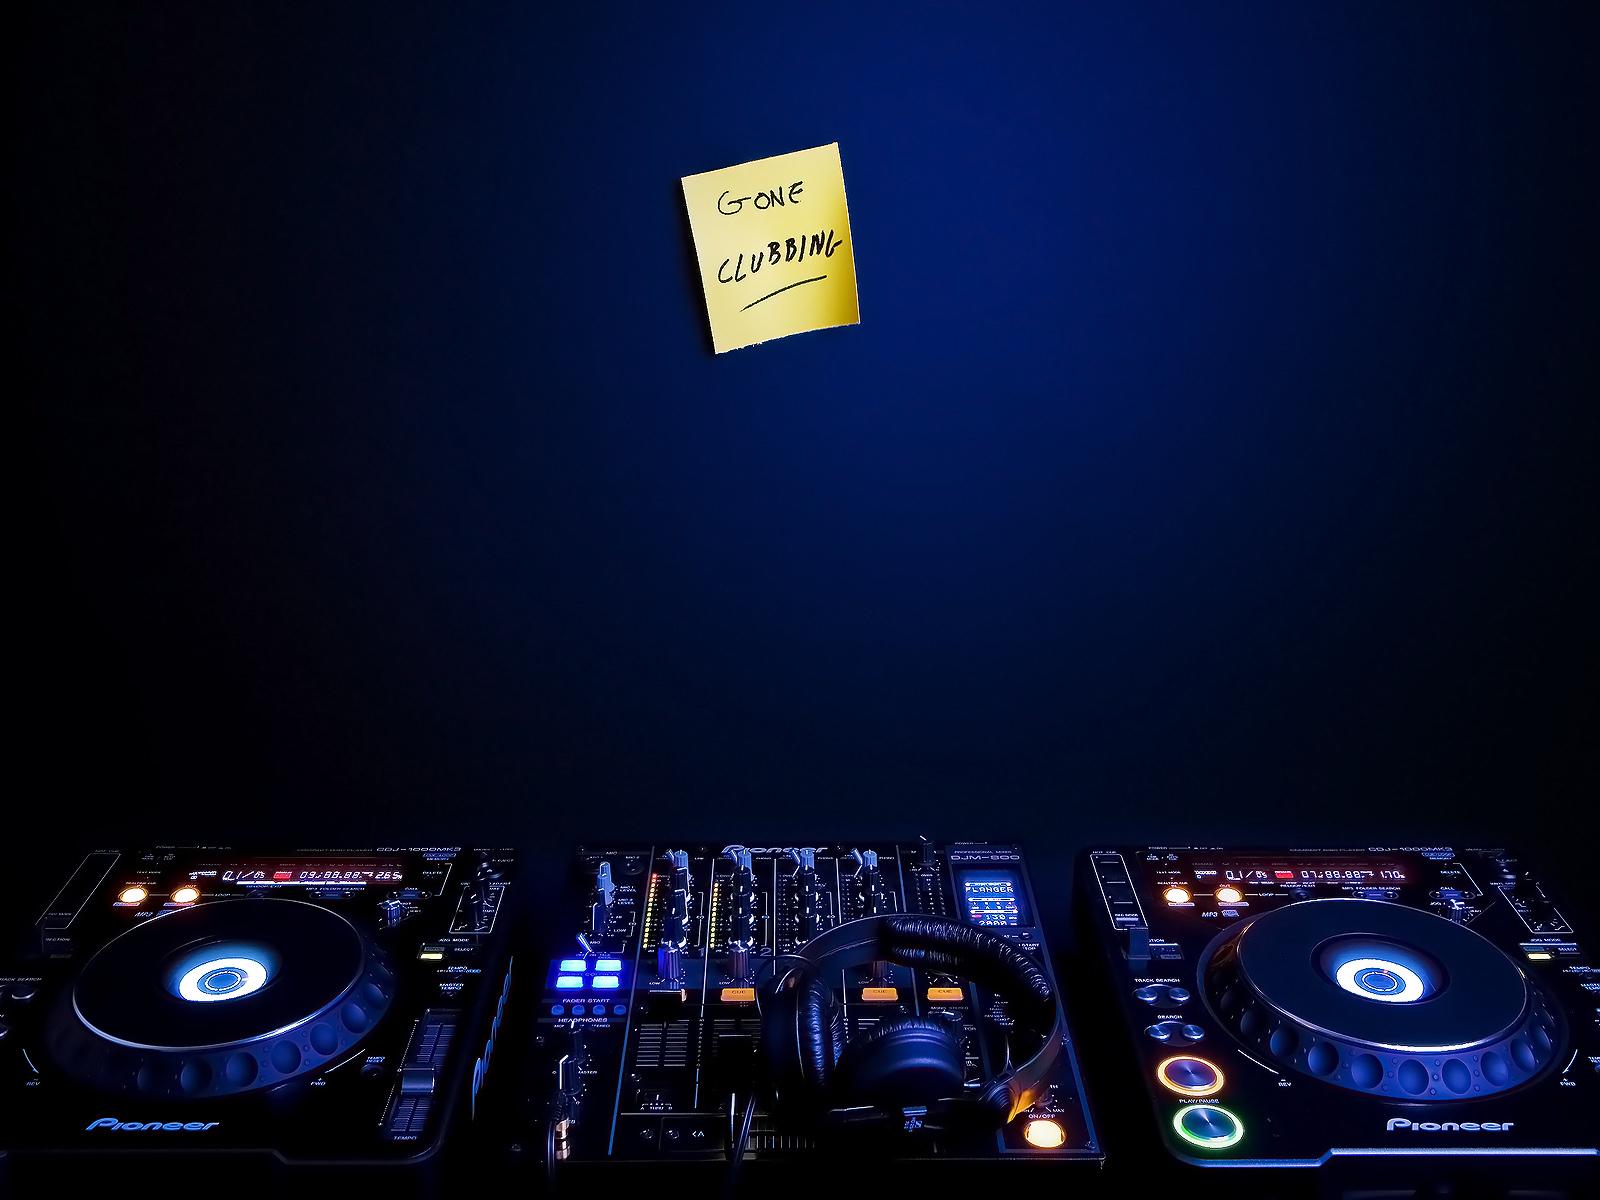 http://2.bp.blogspot.com/-IenVuHLSoZg/UFdbG8uSh4I/AAAAAAAACOc/TyjOI5FWT-Q/s1600/DJ+Music+Wallpaper+(3).jpg